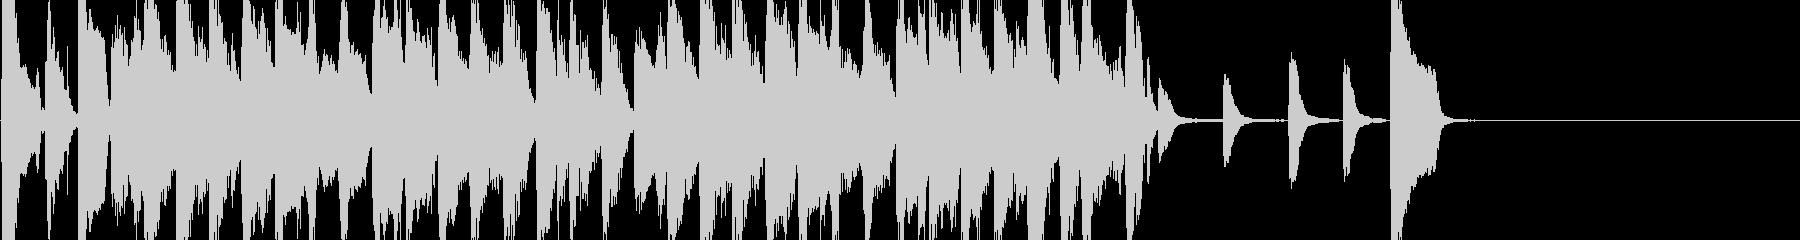 オシャレなジャズBGMショートver.の未再生の波形